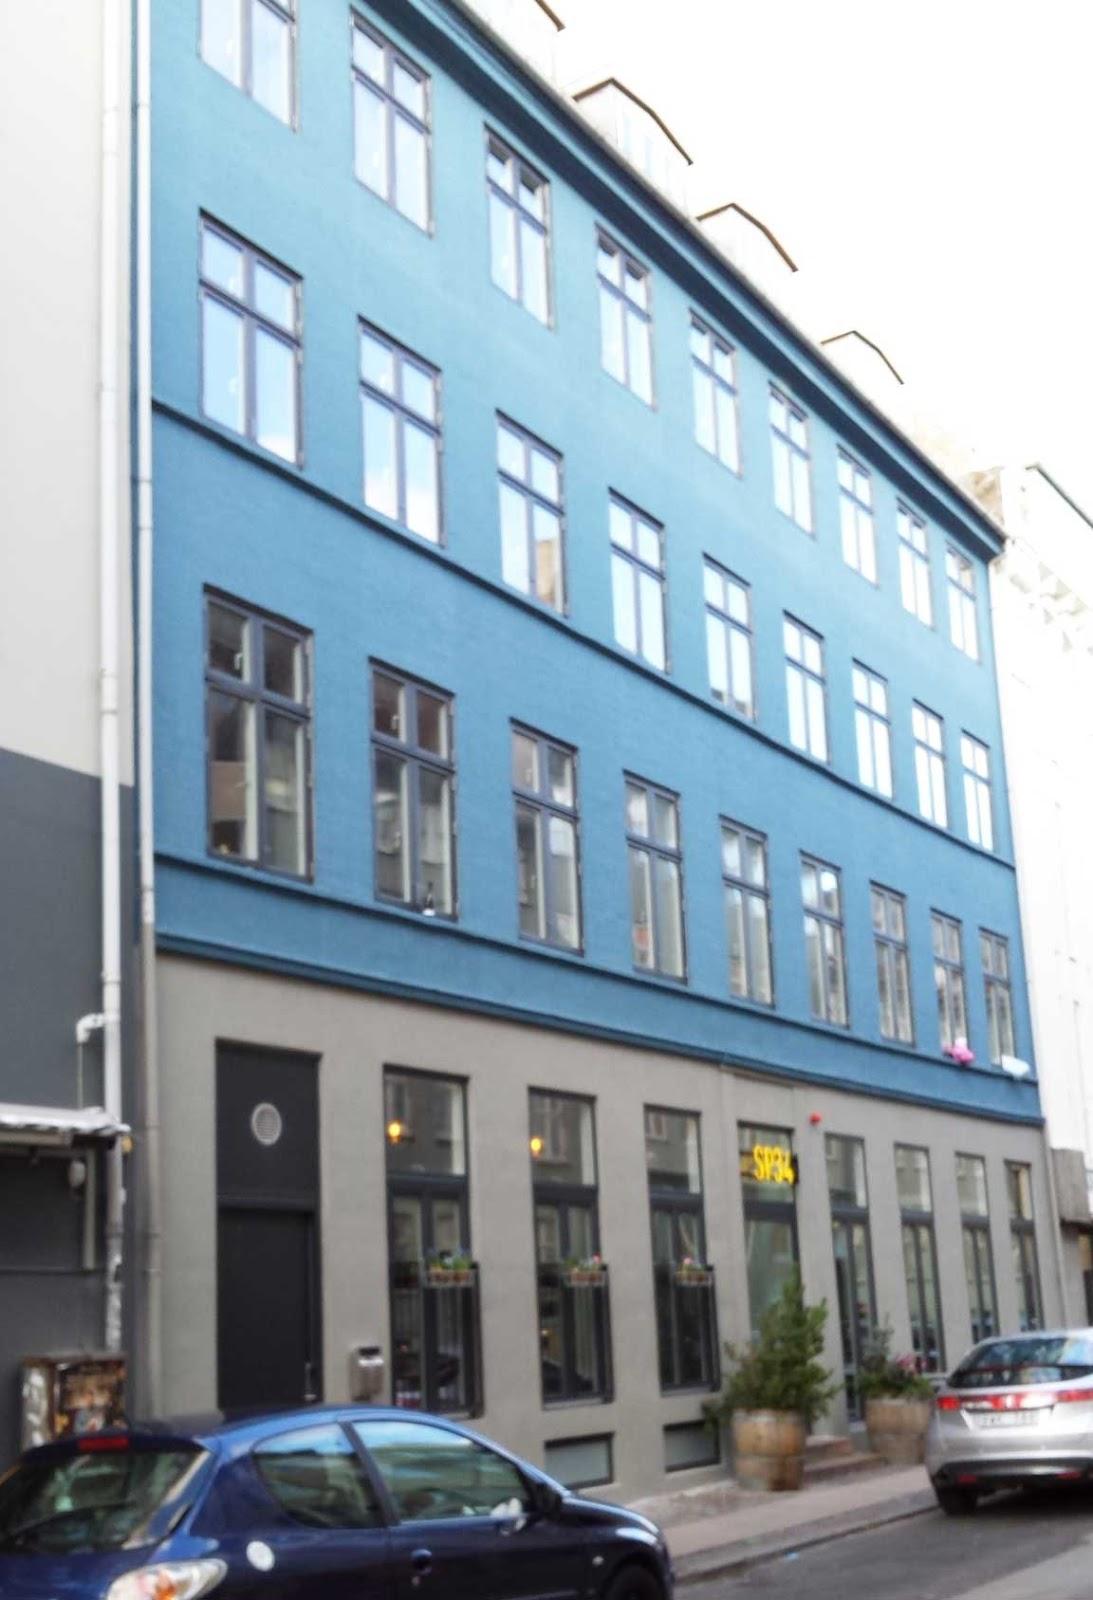 nordic blends copenhagen hotel tip hotel sp34. Black Bedroom Furniture Sets. Home Design Ideas